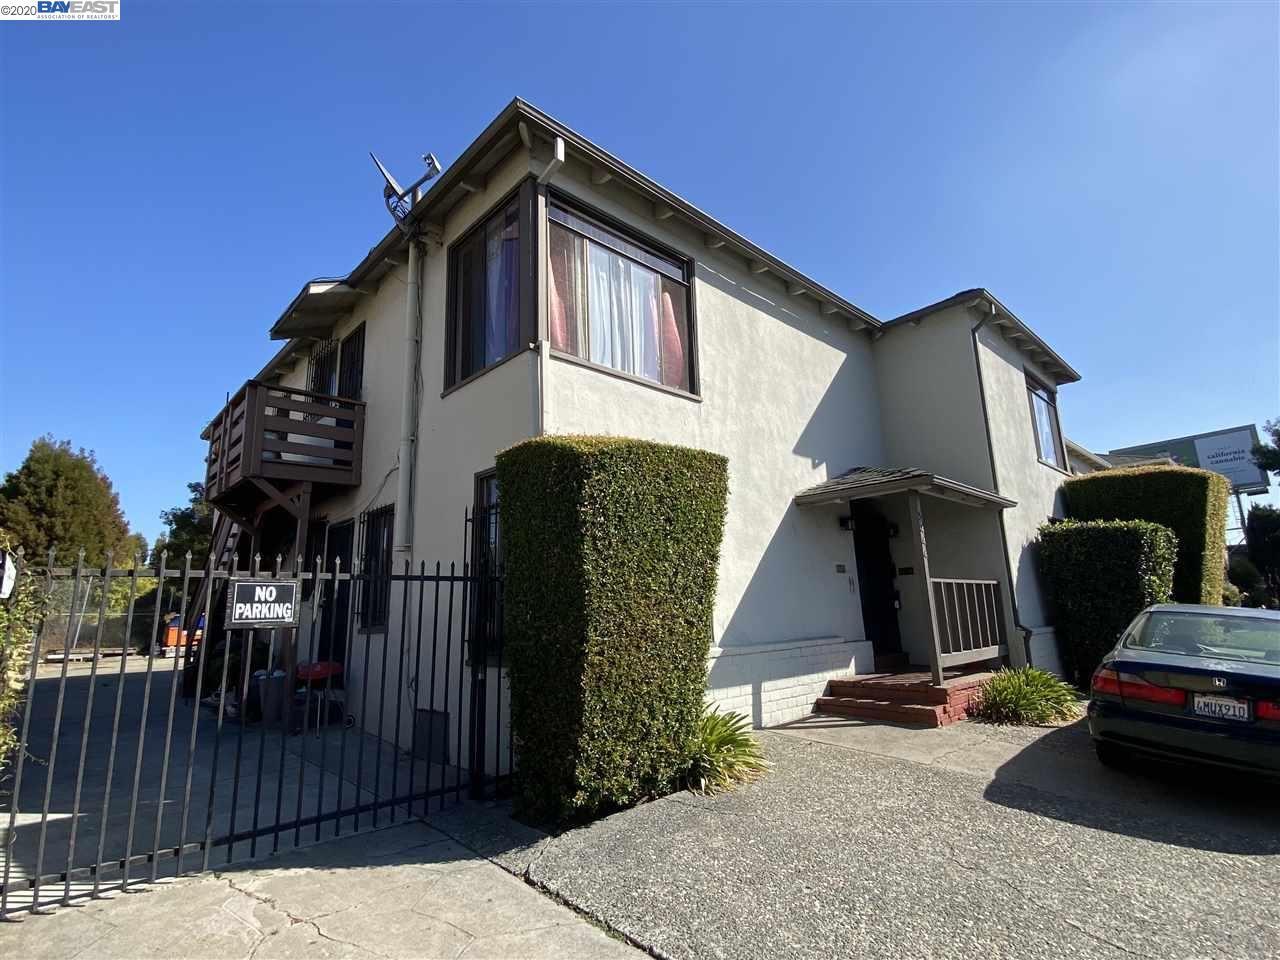 Photo for 5444 International Blvd, OAKLAND, CA 94601 (MLS # 40930516)